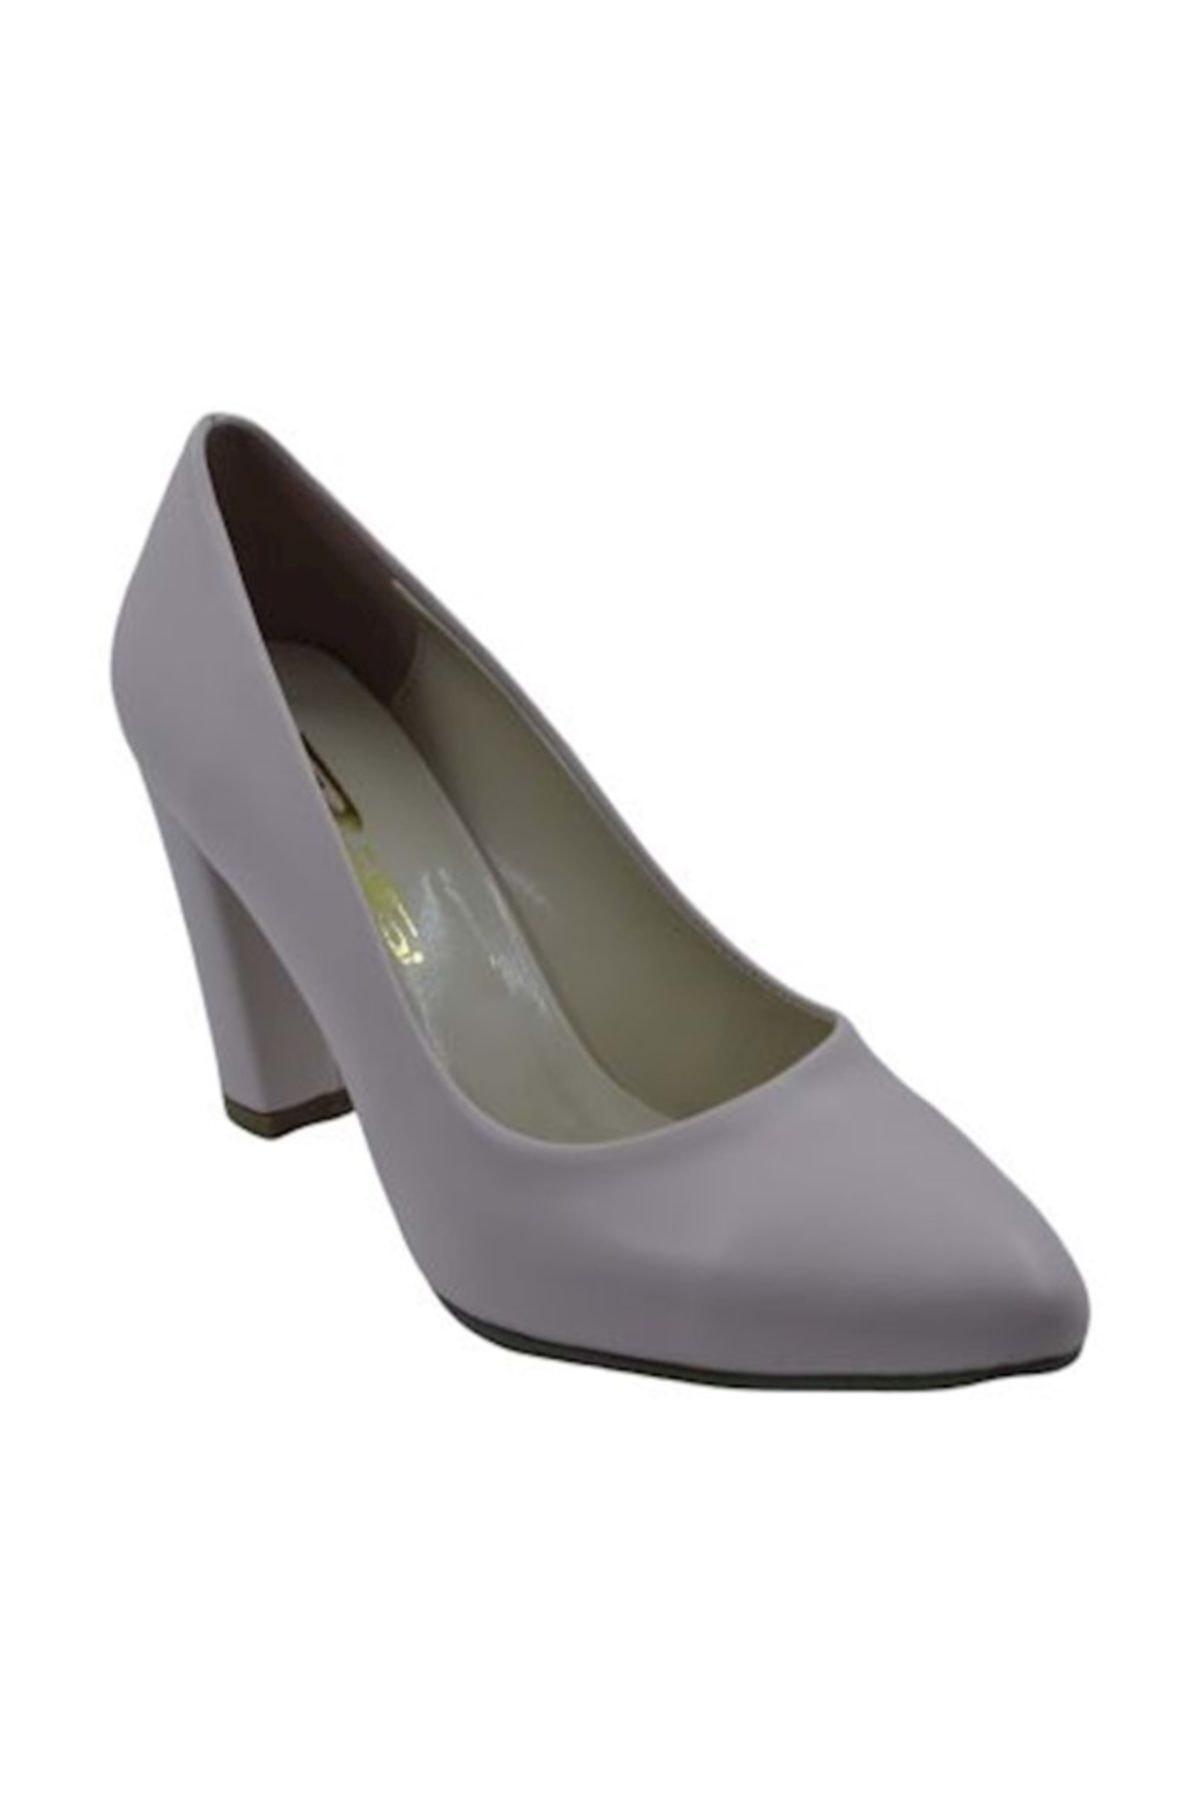 PUNTO 462003 Kadın Topuklu Ayakkabı - Pudra - 37 1